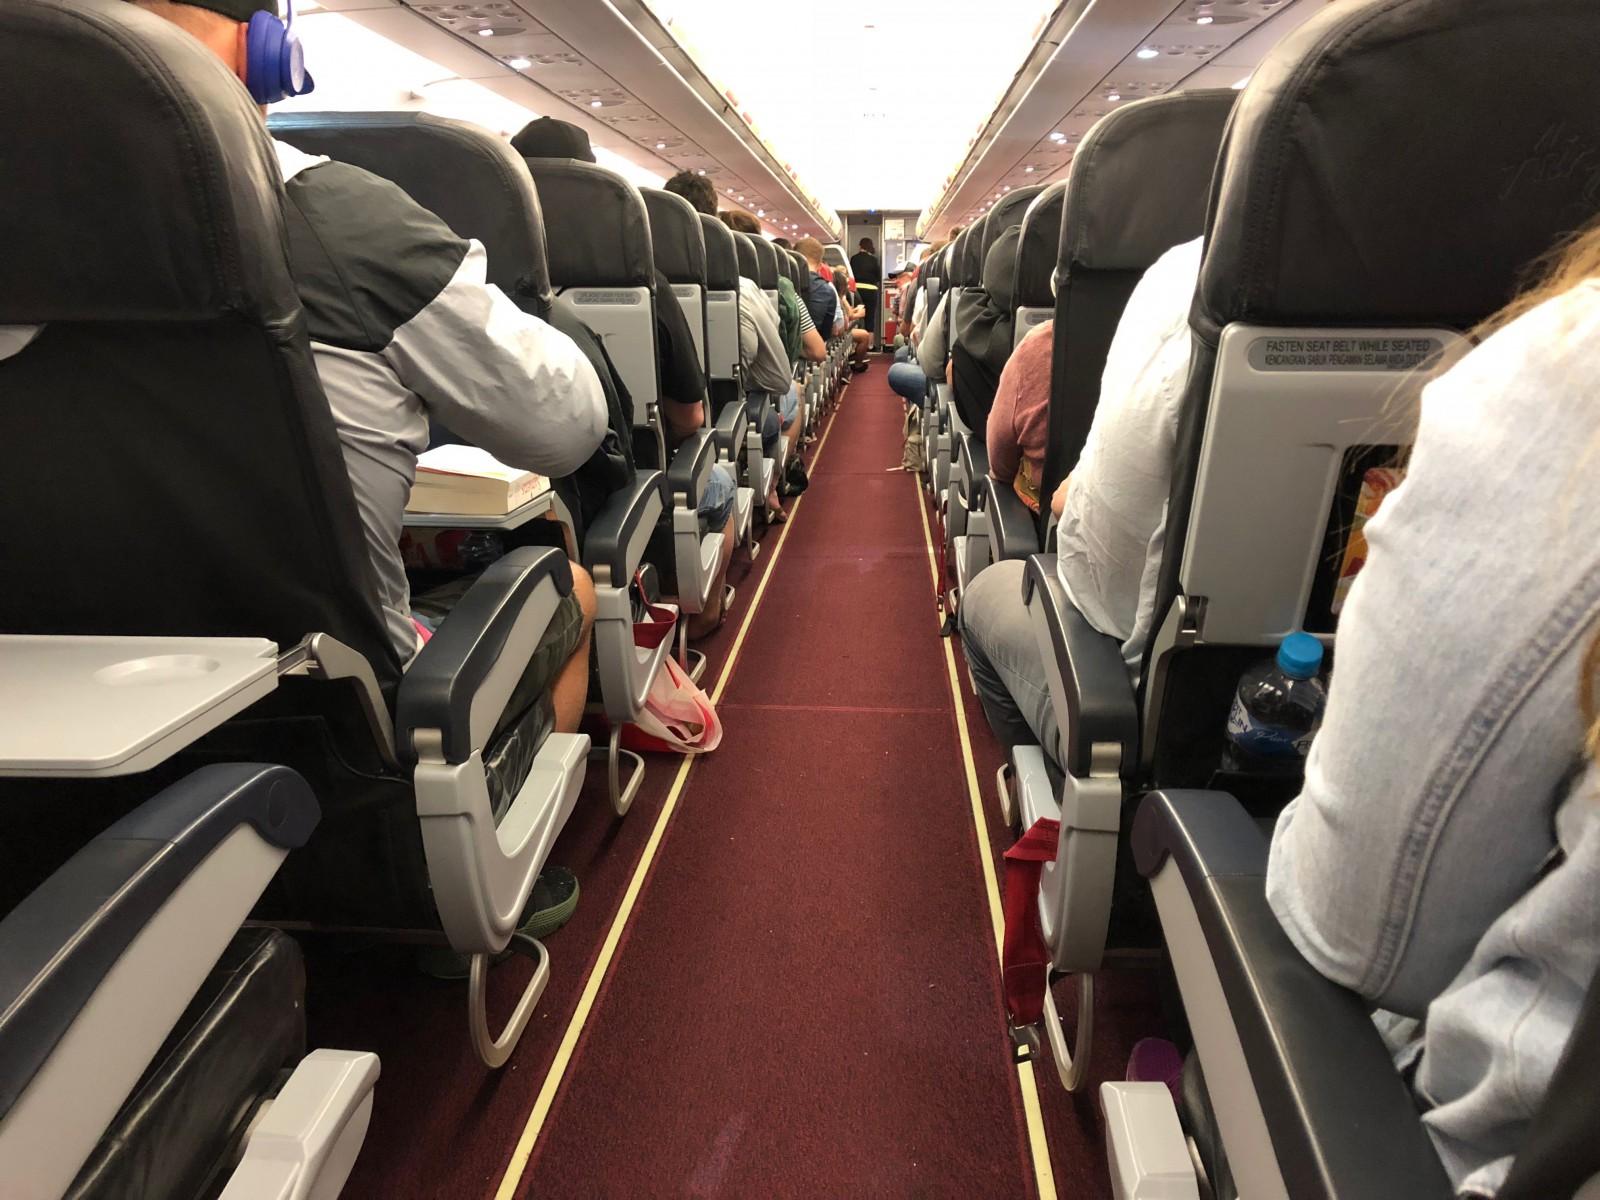 airlines cram passengers